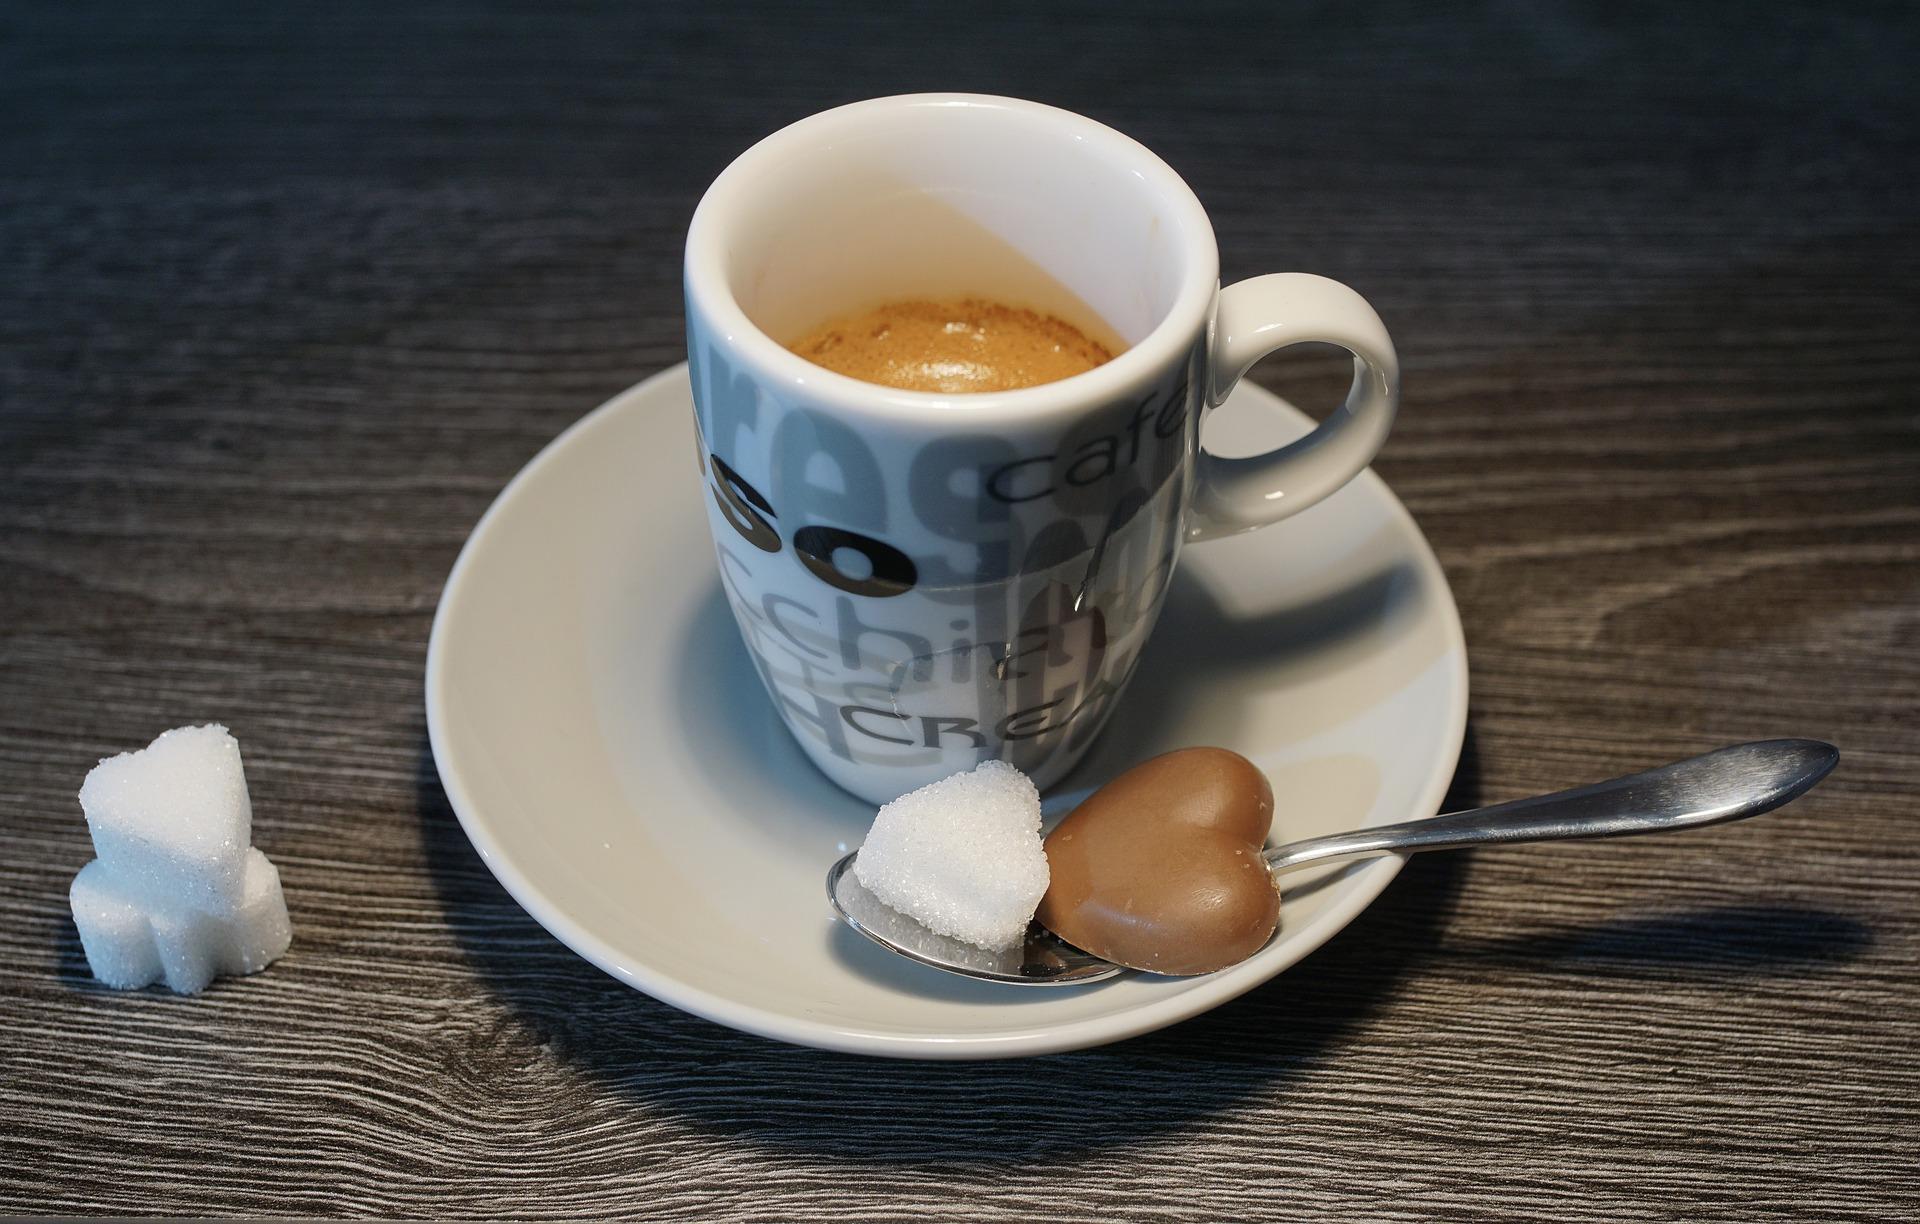 コーヒーに添えられた砂糖